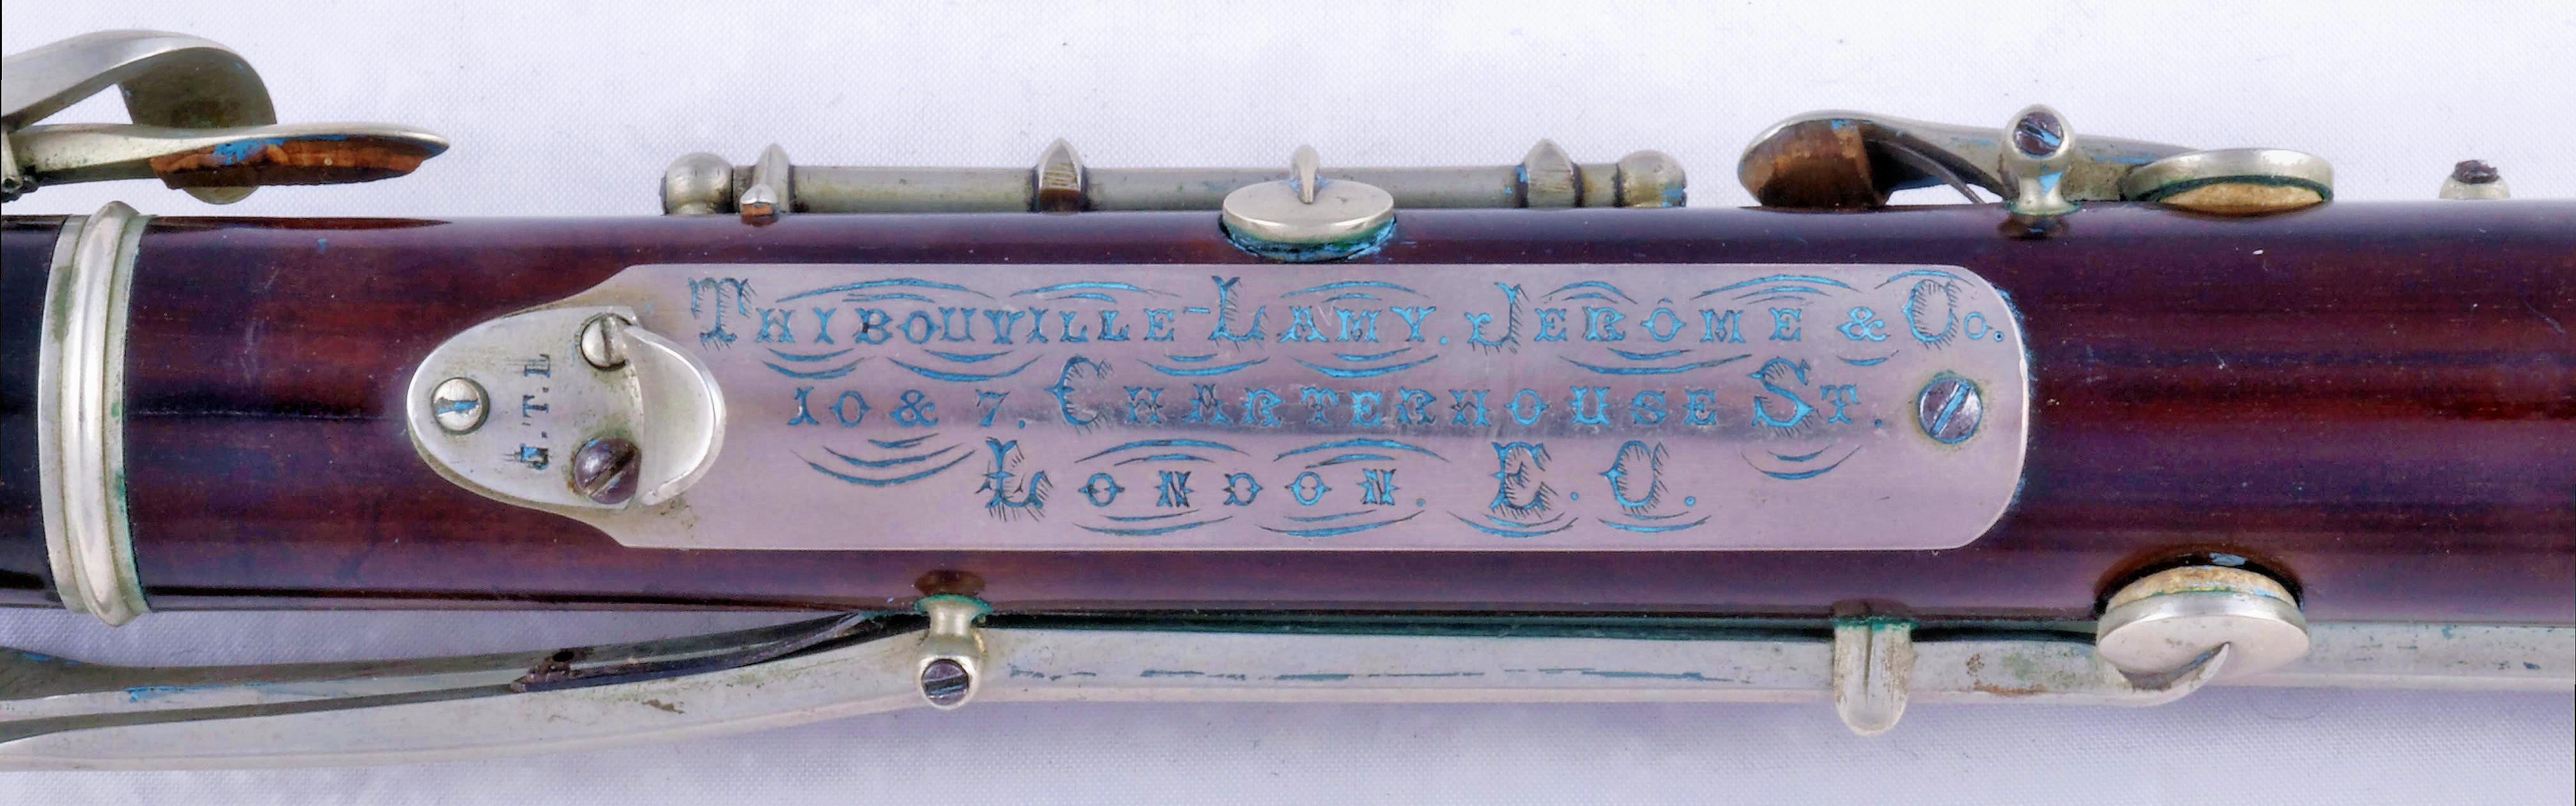 Oboe-5.jpeg